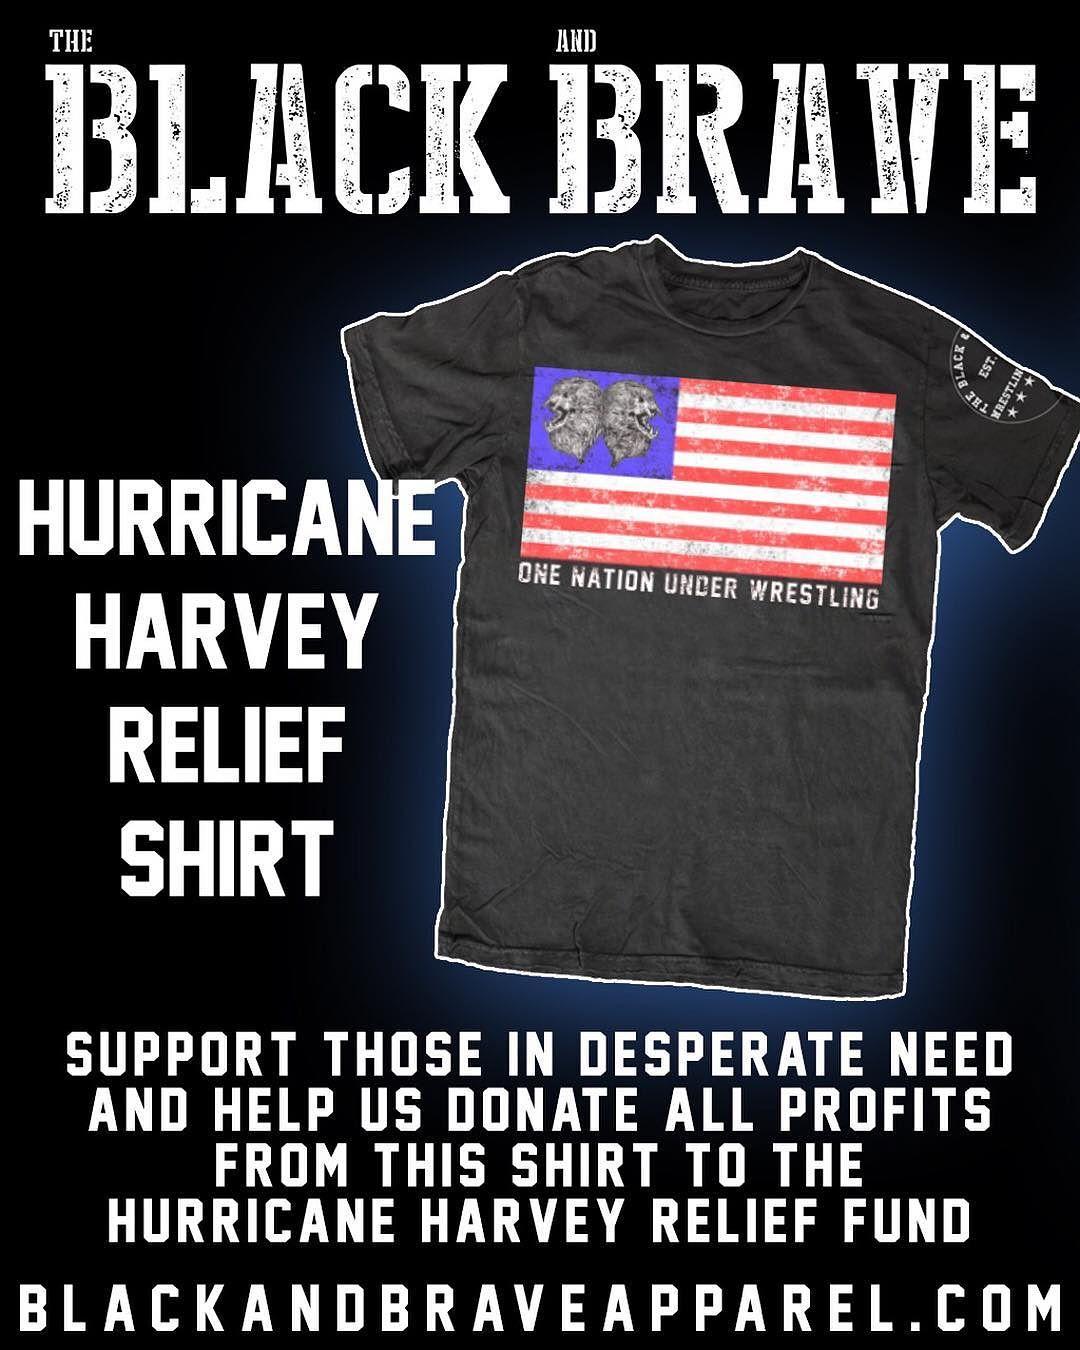 Сэт Роллинс и его кампания помощи пострадавшим от урагана Харви